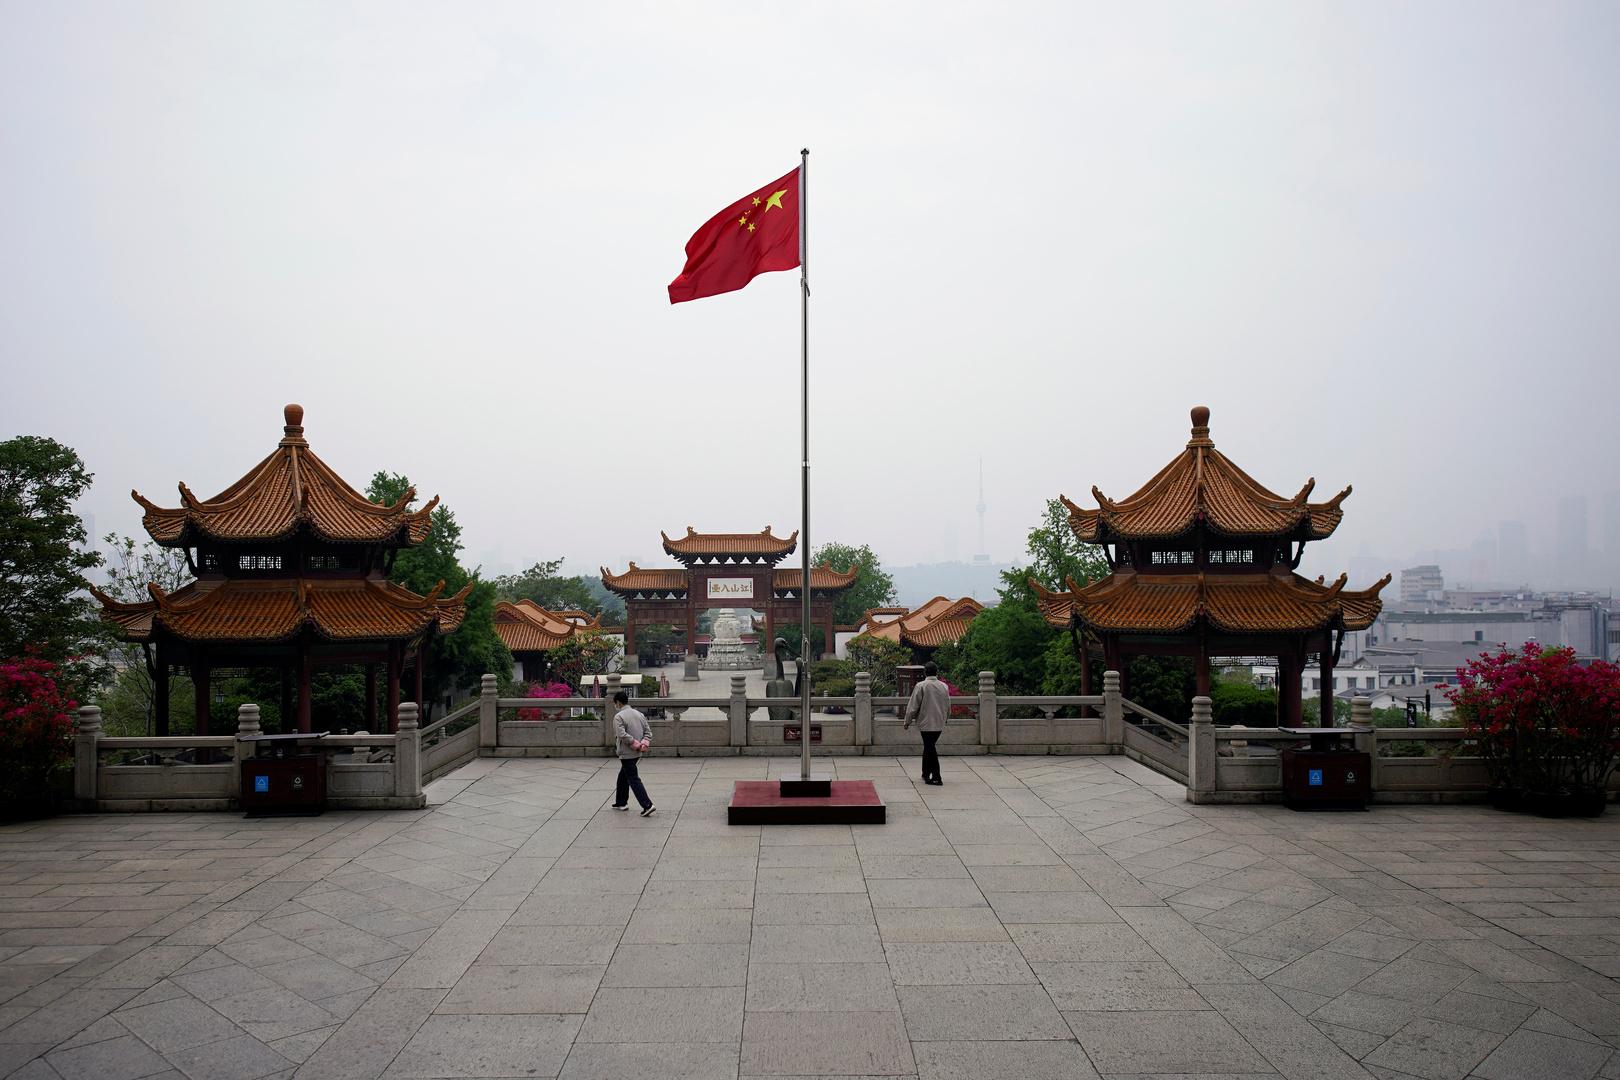 الصين ترد على الاتهامات الغربية: هذا وقت العلم والتضامن ضد كورونا وليس التنمر